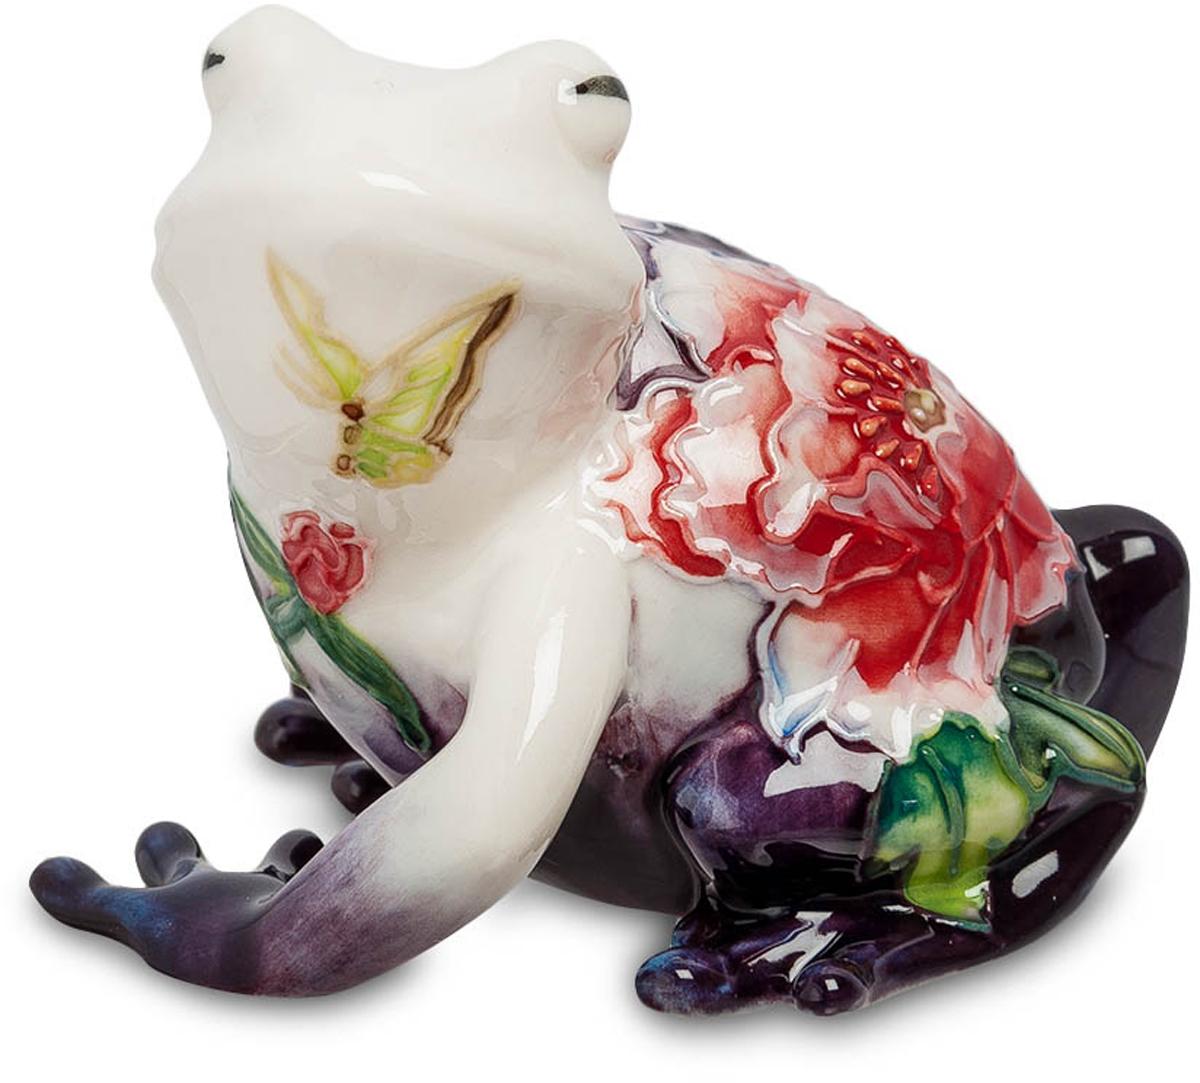 Фигурка Pavone Лягушка. JP-247/ 5JP-247/ 5Фигурка Лягушки высотой 6 см. Лягушка символизирует дождь, урожайность, плодовитость. Это прекрасный подарок для людей, увлекающихся садоводством и для тех, кто выращивает овощи и фрукты! Фарфоровая фигурка лягушки порадует вас удивительным сочетанием пастельных тонов, красивым цветочным рисунком и качеством материала. Пестрая бабочка на горловине квакуши, расписанные в черный угольный цвет лапки, заигрывающая улыбка и прищуренные глаза. Такой сувенир станет отличным подарком и украсит интерьер любого дома. Никто из ваших гостей и друзей не пройдет мимо такой чудесной статуэтки.